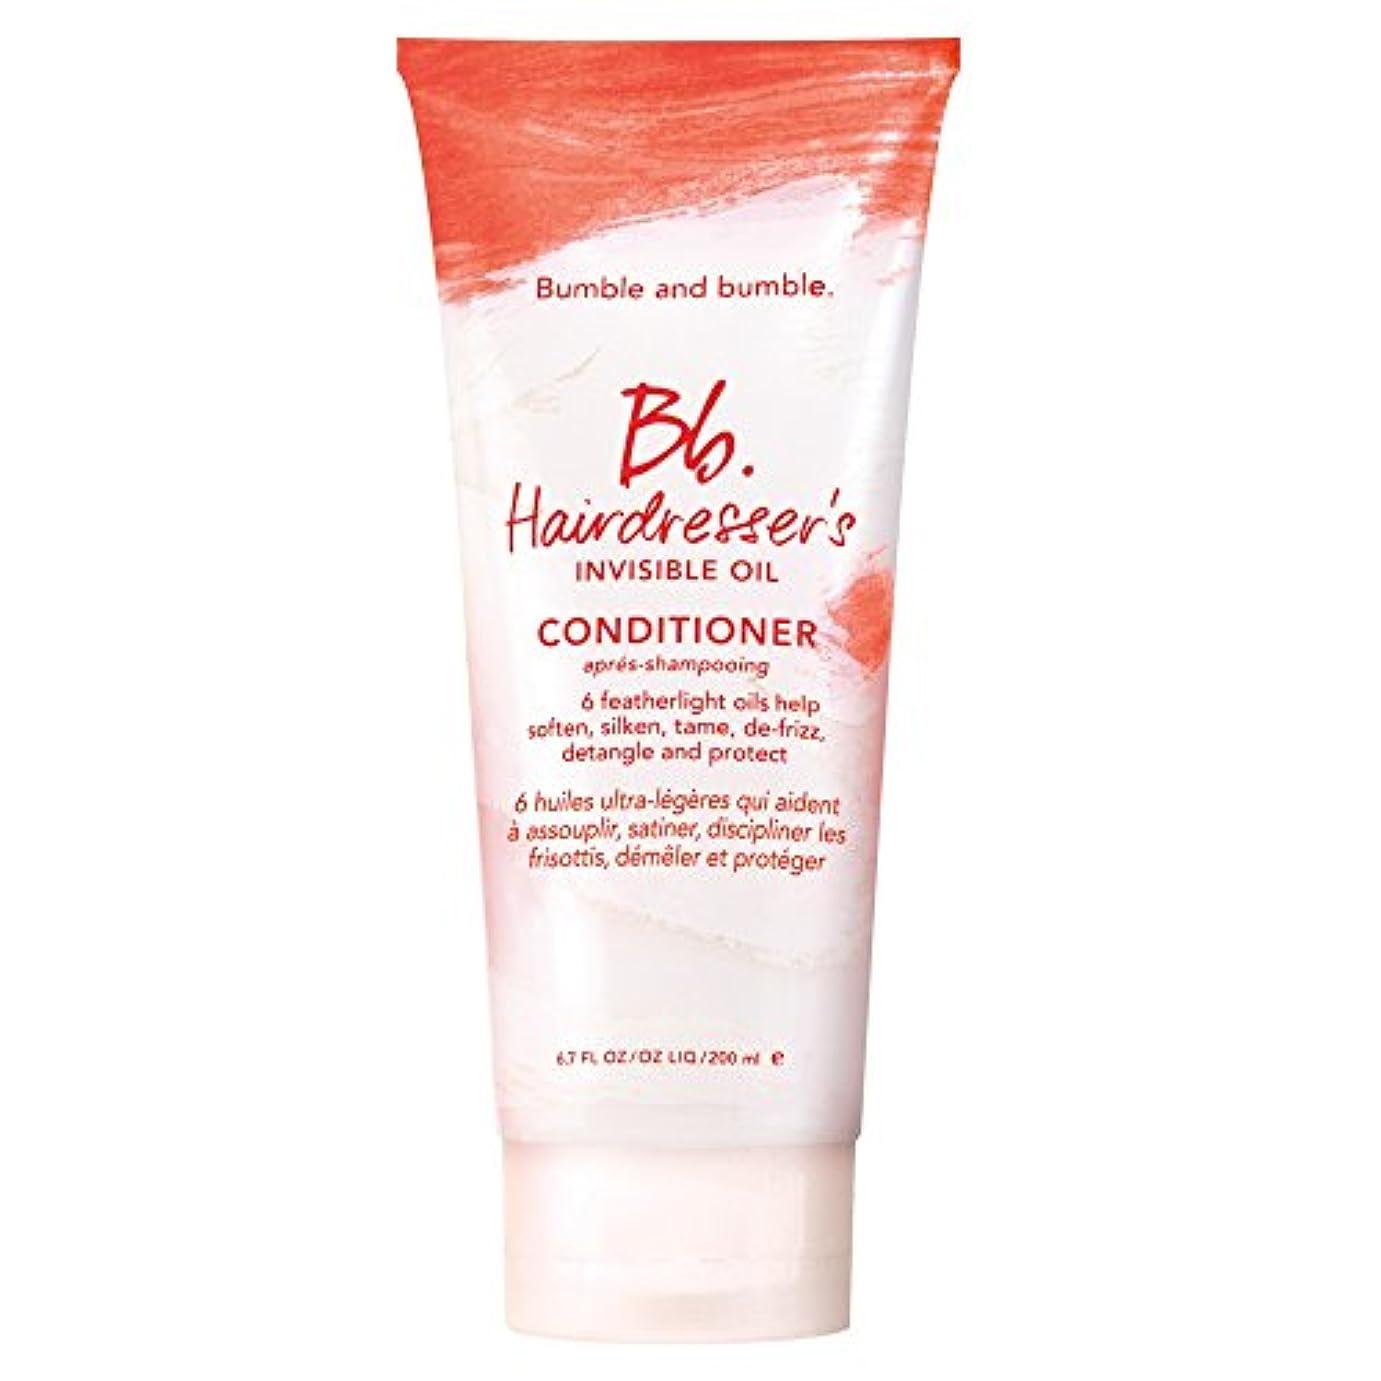 勃起国民叫び声バンブルアンドバンブル美容見えないオイルコンディショナー200ミリリットル (Bumble and bumble) (x2) - Bumble and bumble Hairdressers invisible oil...